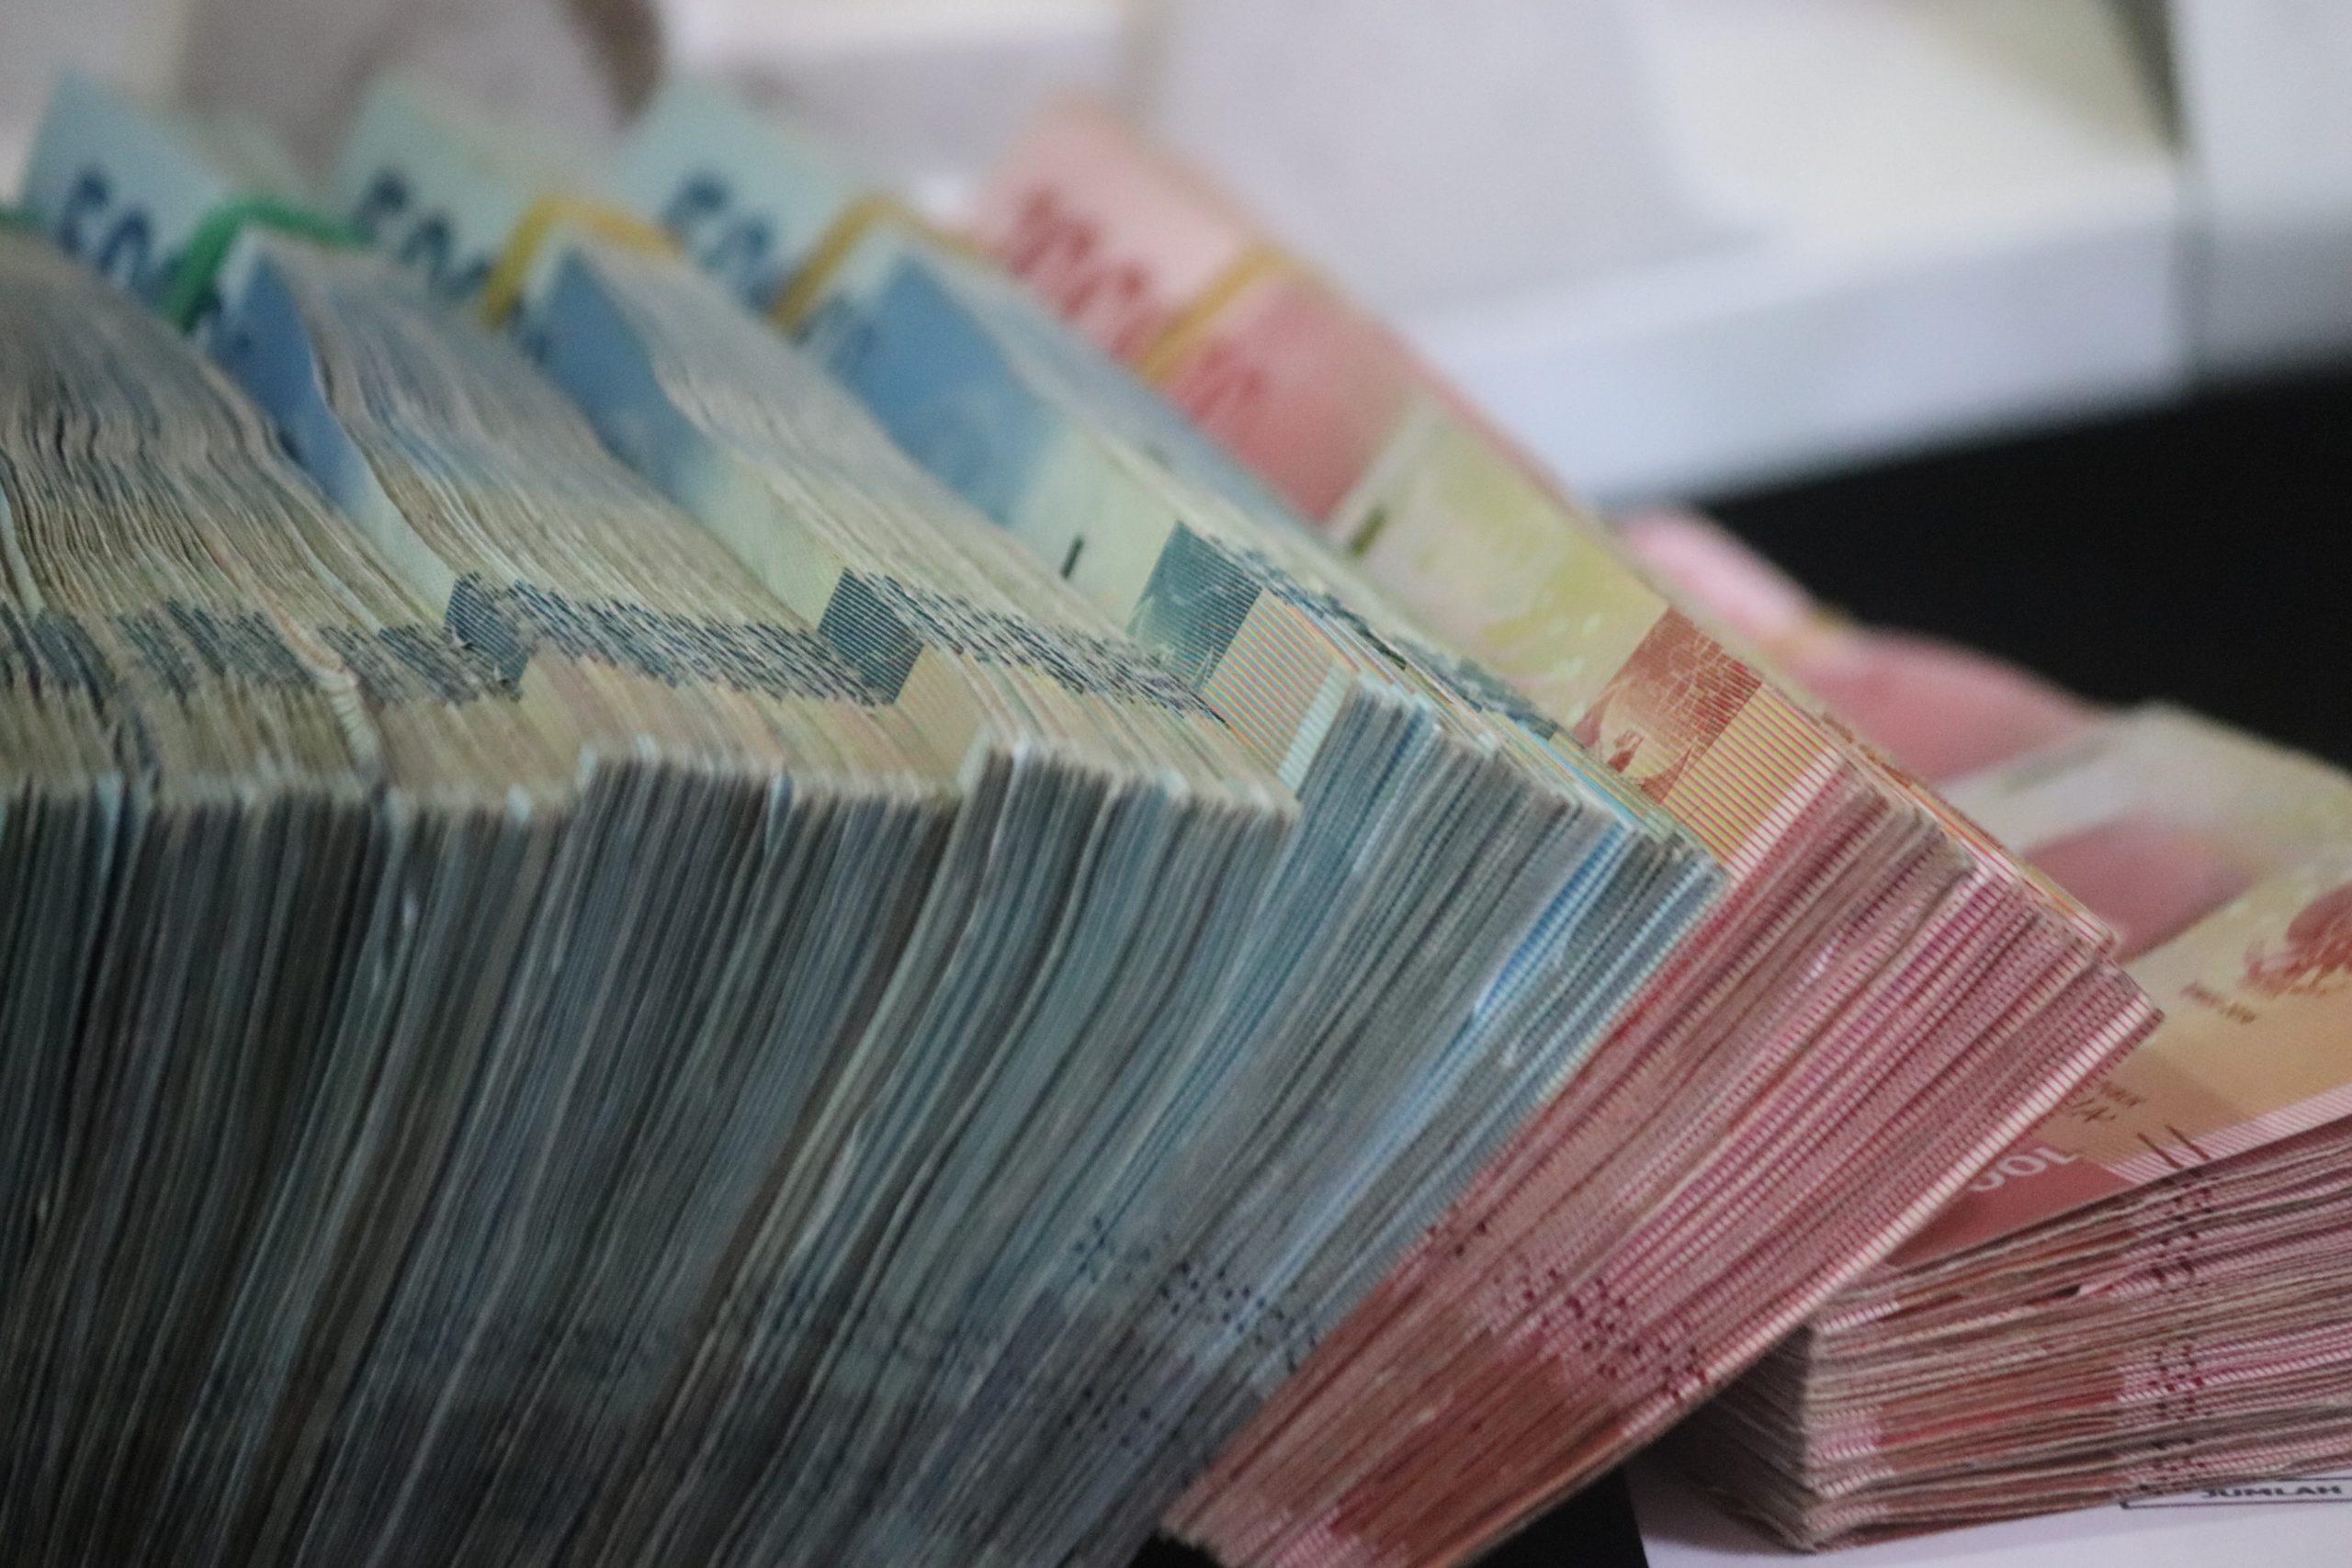 Obligan a un banco a devolver 1,5 M€ a 22 afectados en Sevilla por la no ejecución de un geriátrico